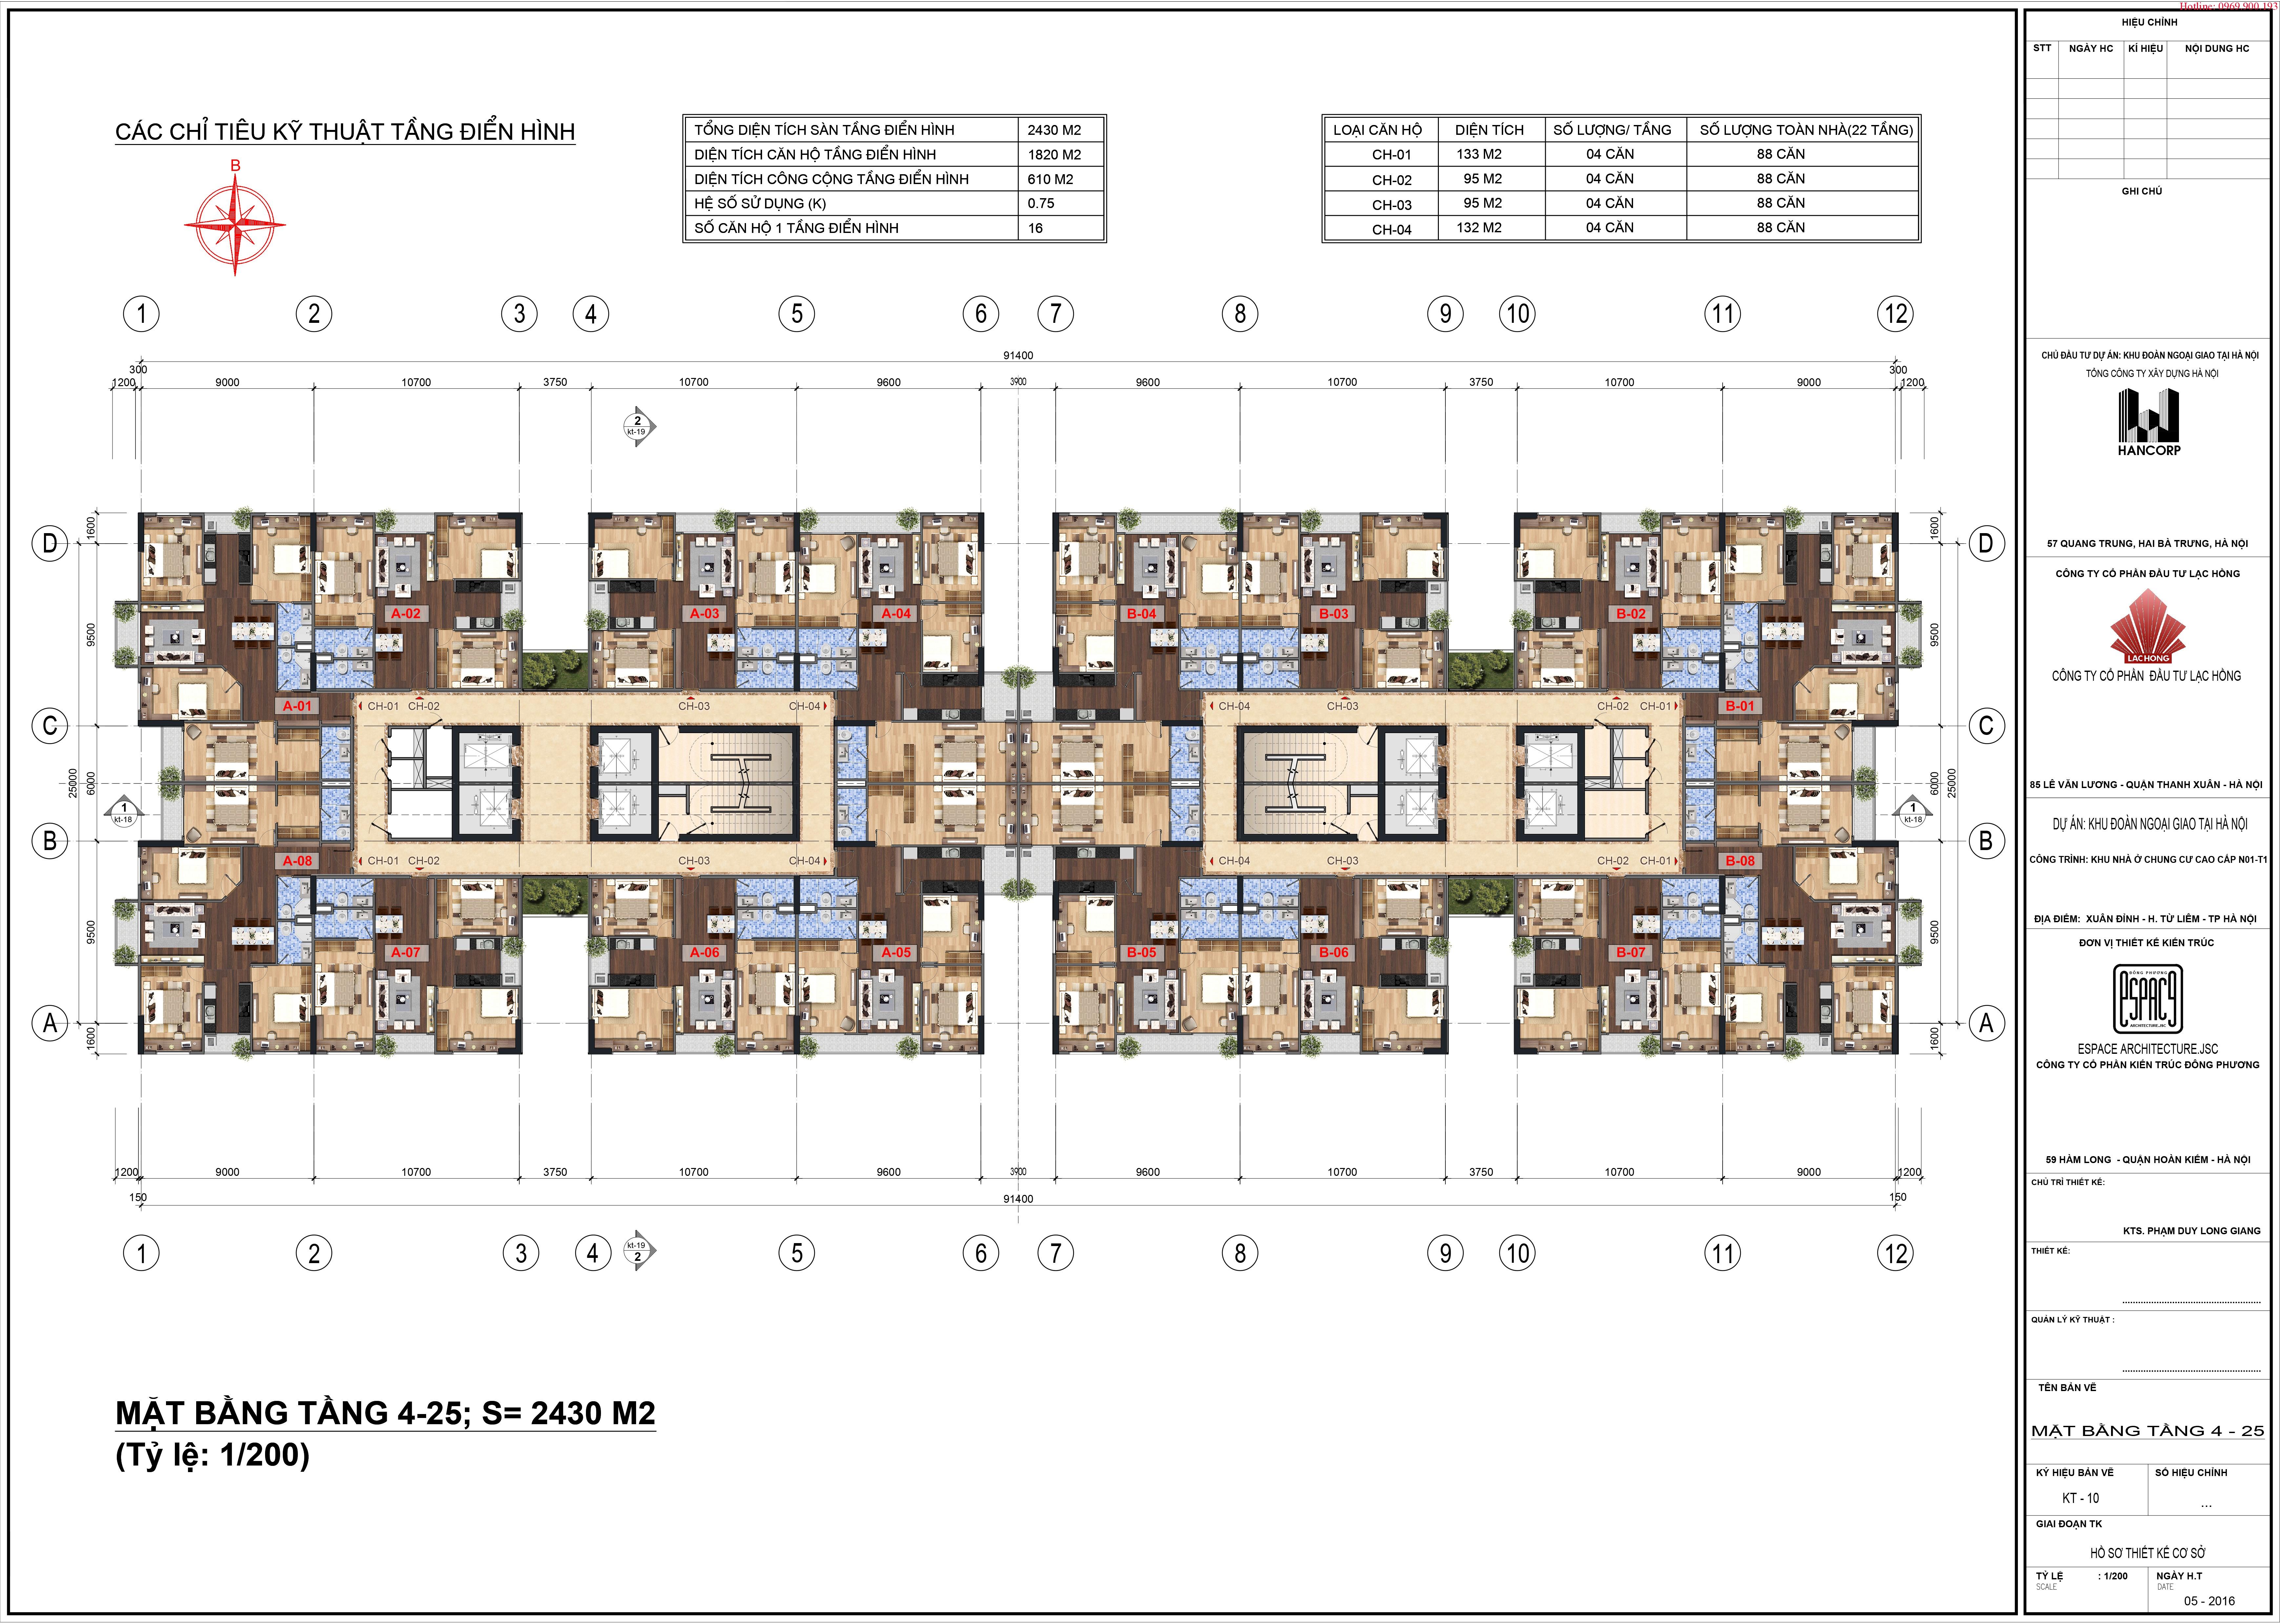 Mặt bàng Lạc Hồng Lotus 2 Tầng 4~25